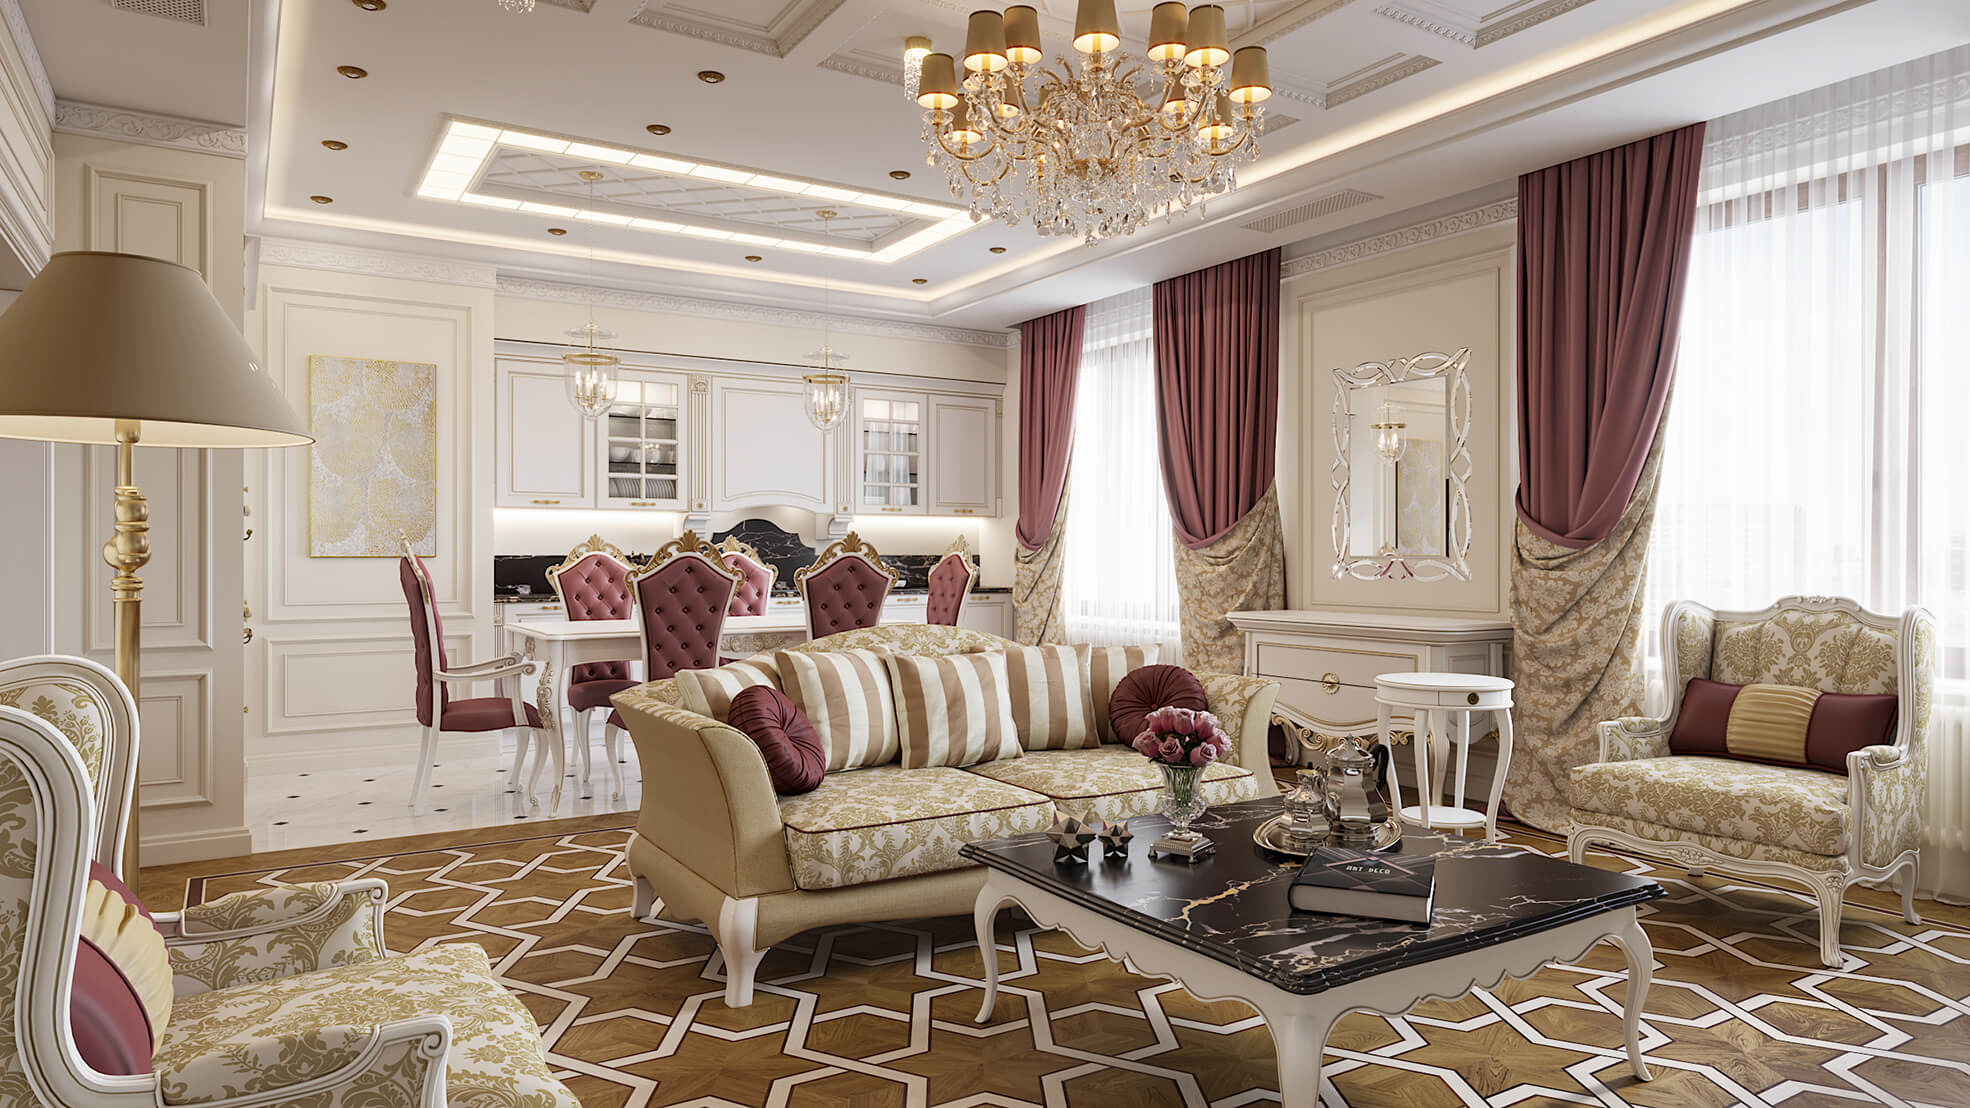 phong cách thiết kế nội thất nhà chung cư đẹp nhất hiện nay 22